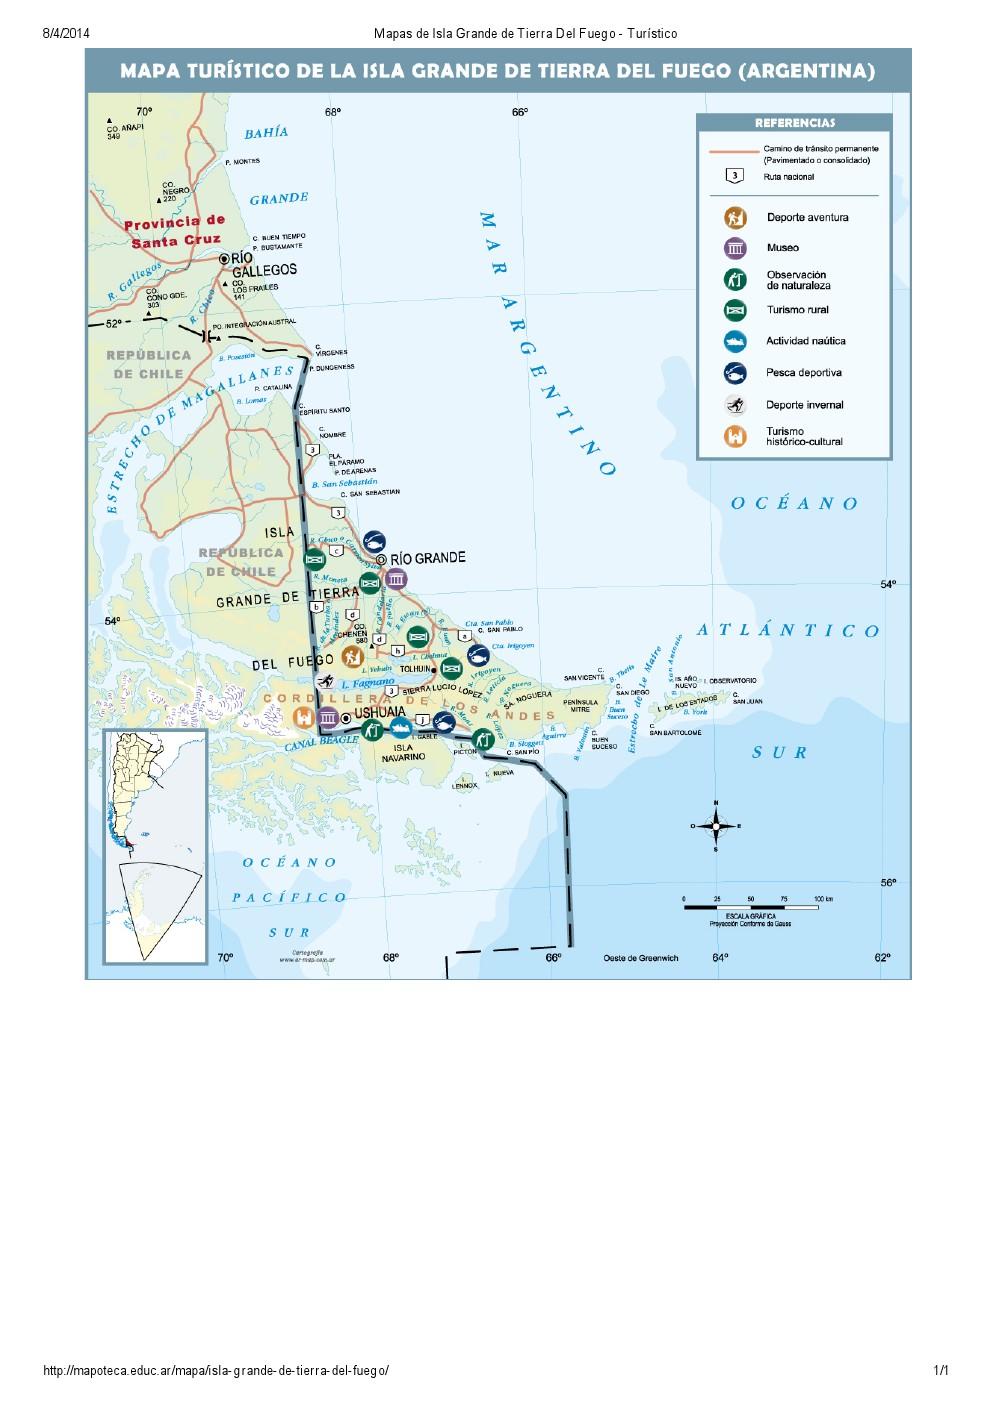 Mapa turístico de Isla Grande de Tierra del Fuego. Mapoteca de Educ.ar